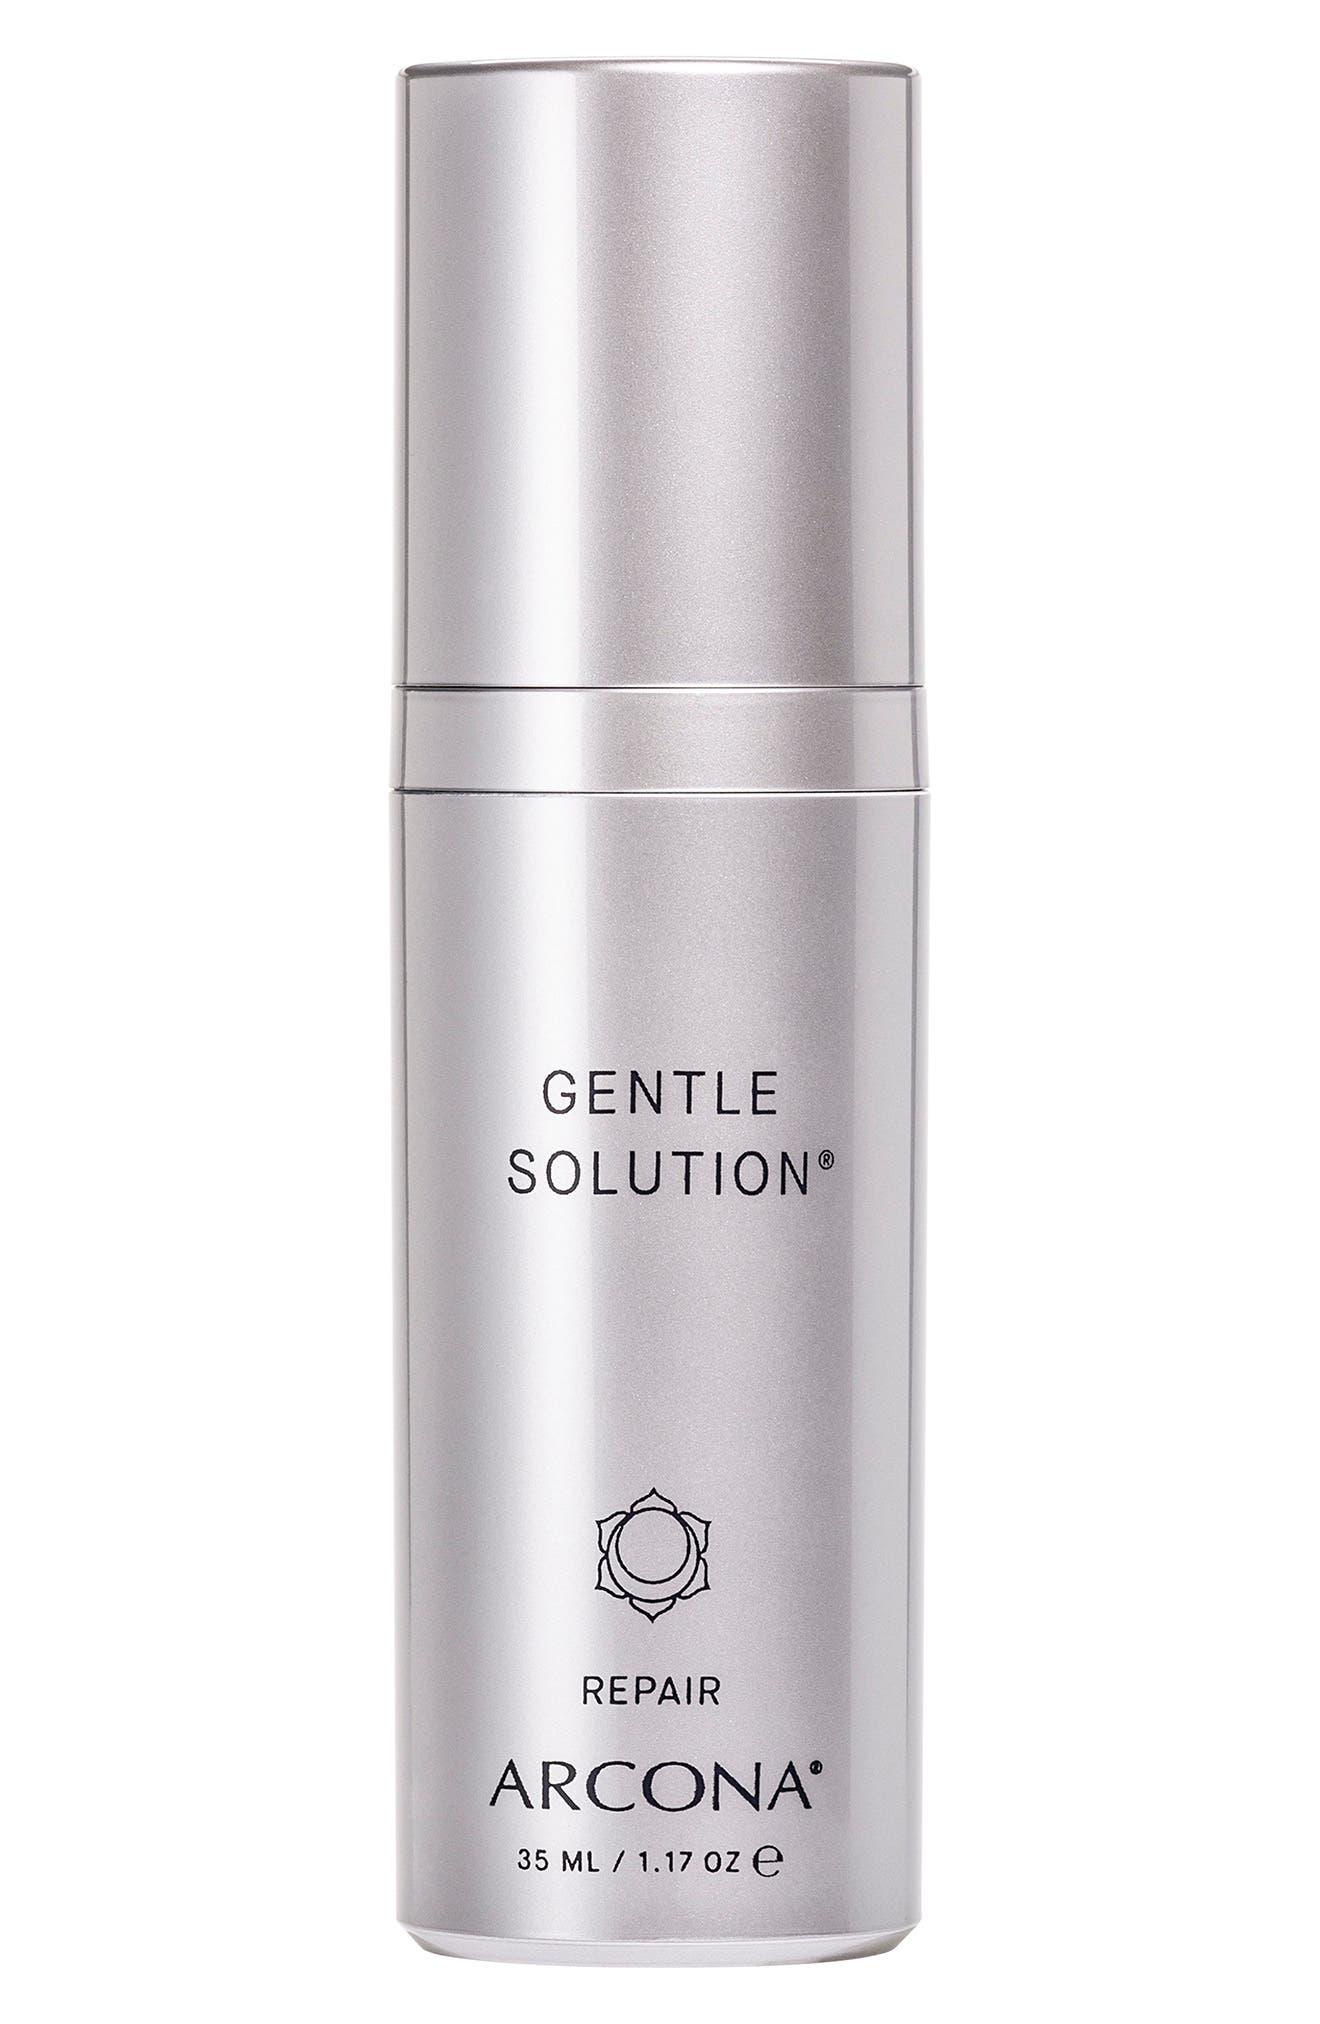 Gentle Solution Facial Exfoliating Serum